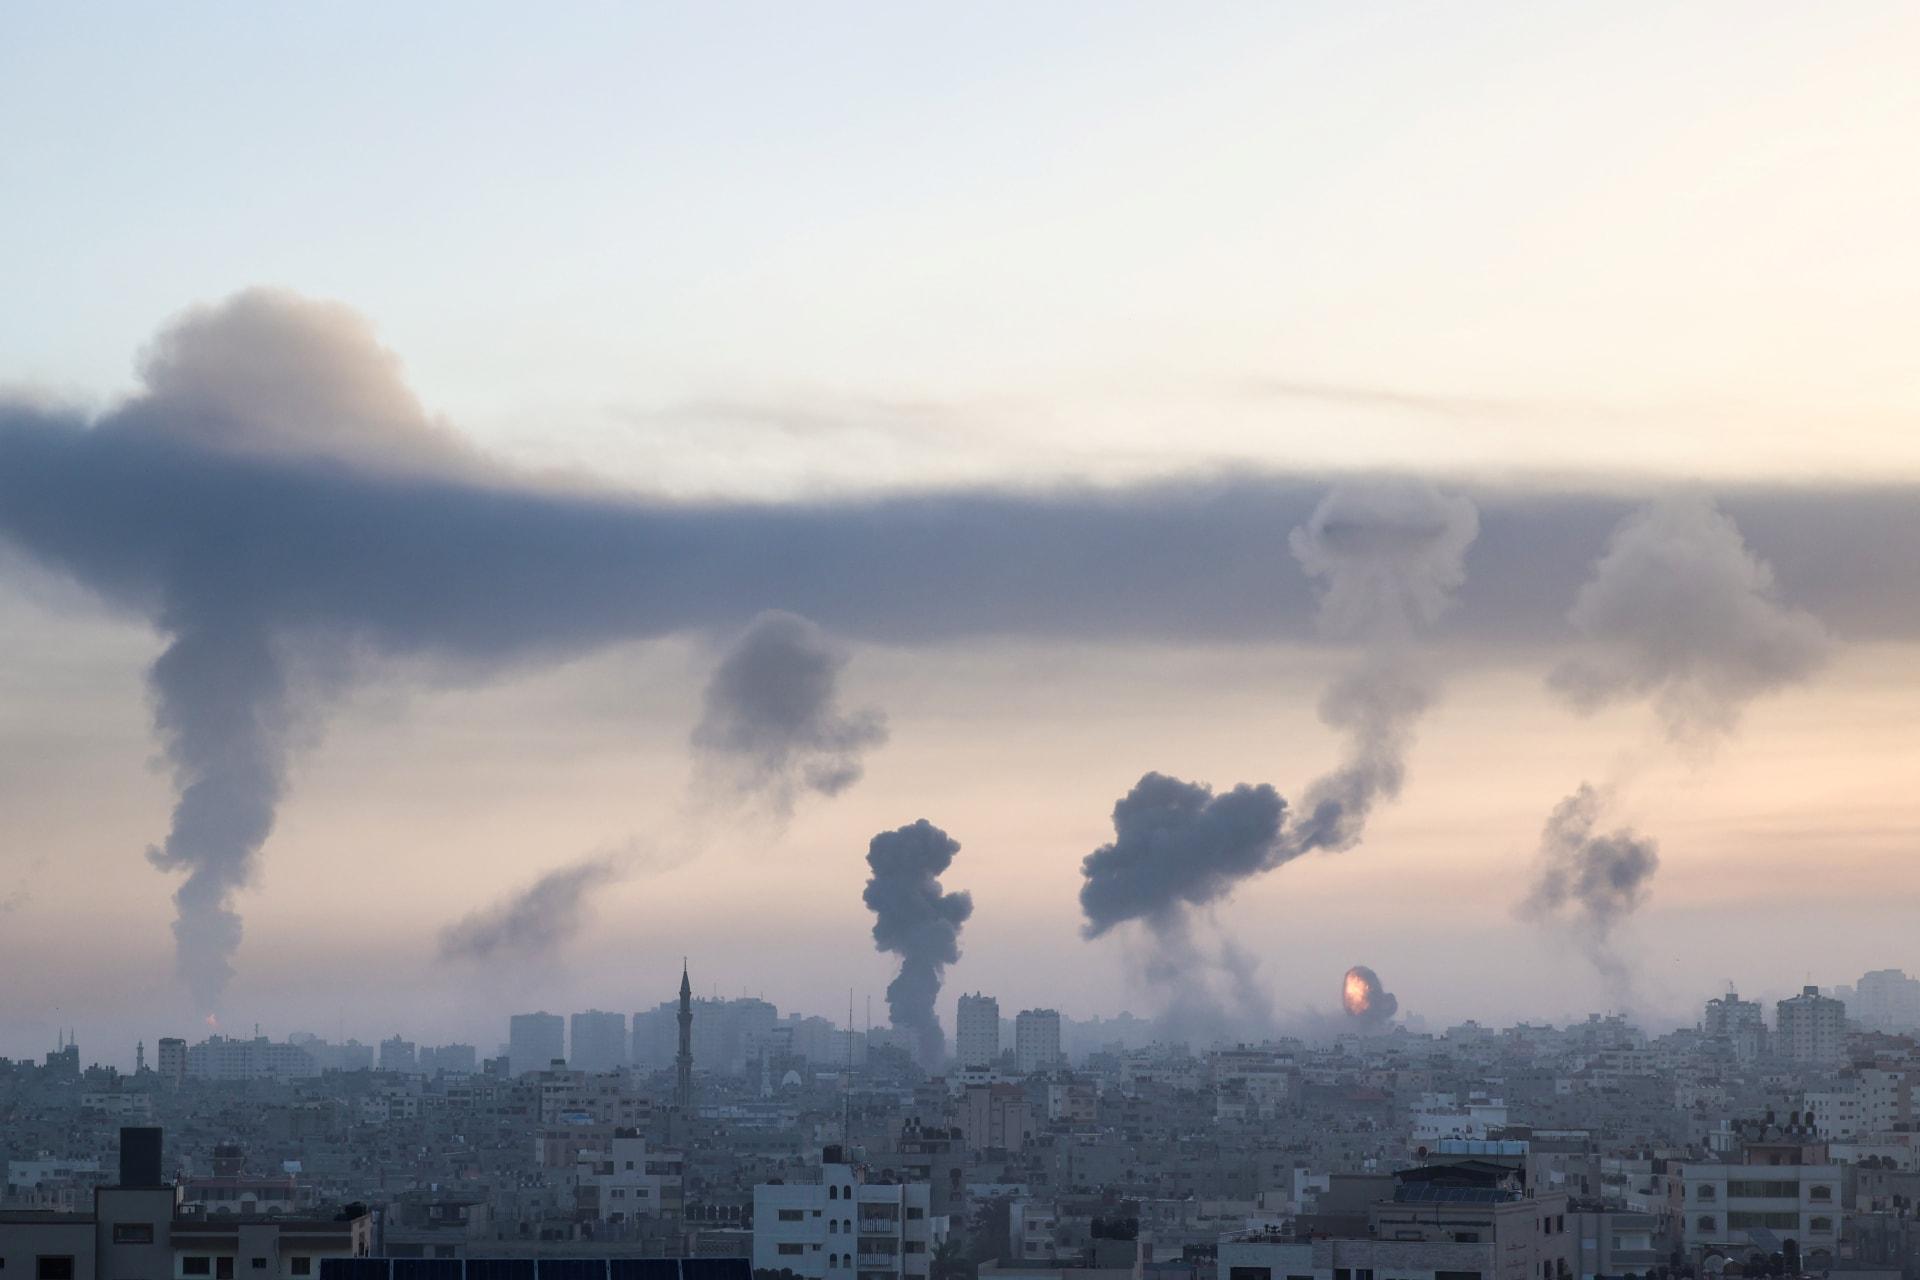 أعمدة الدخان تتصاعد في غزة بعد غارة جوية إسرائيلية